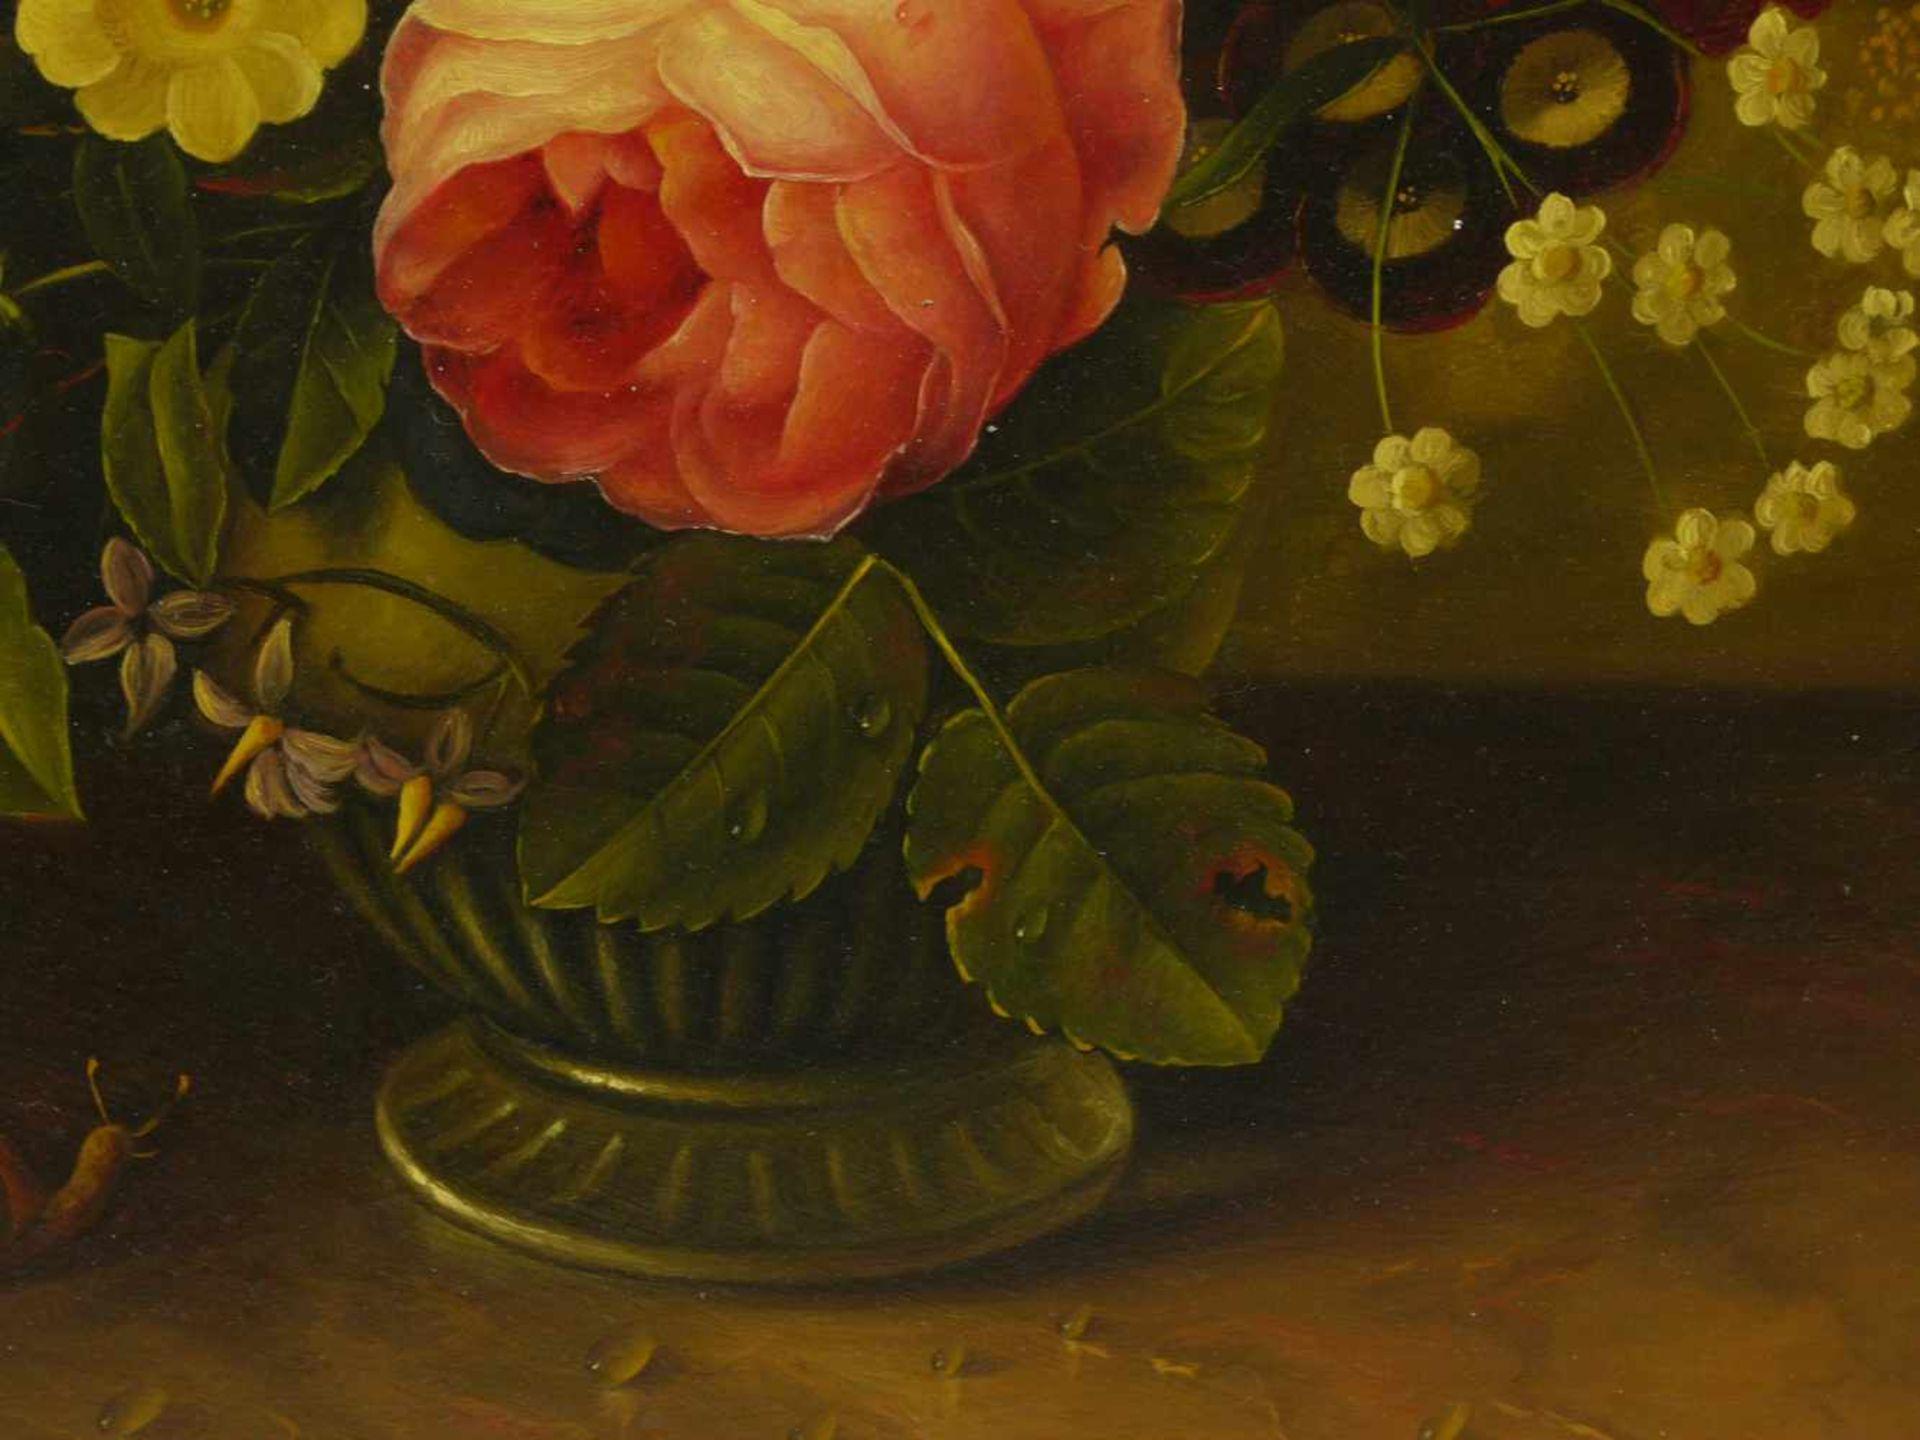 Holstayn, Josef (1930-?) - BlumenstückFeinste Malerei in typischer Manier des Künstler. Meisterhafte - Bild 8 aus 10